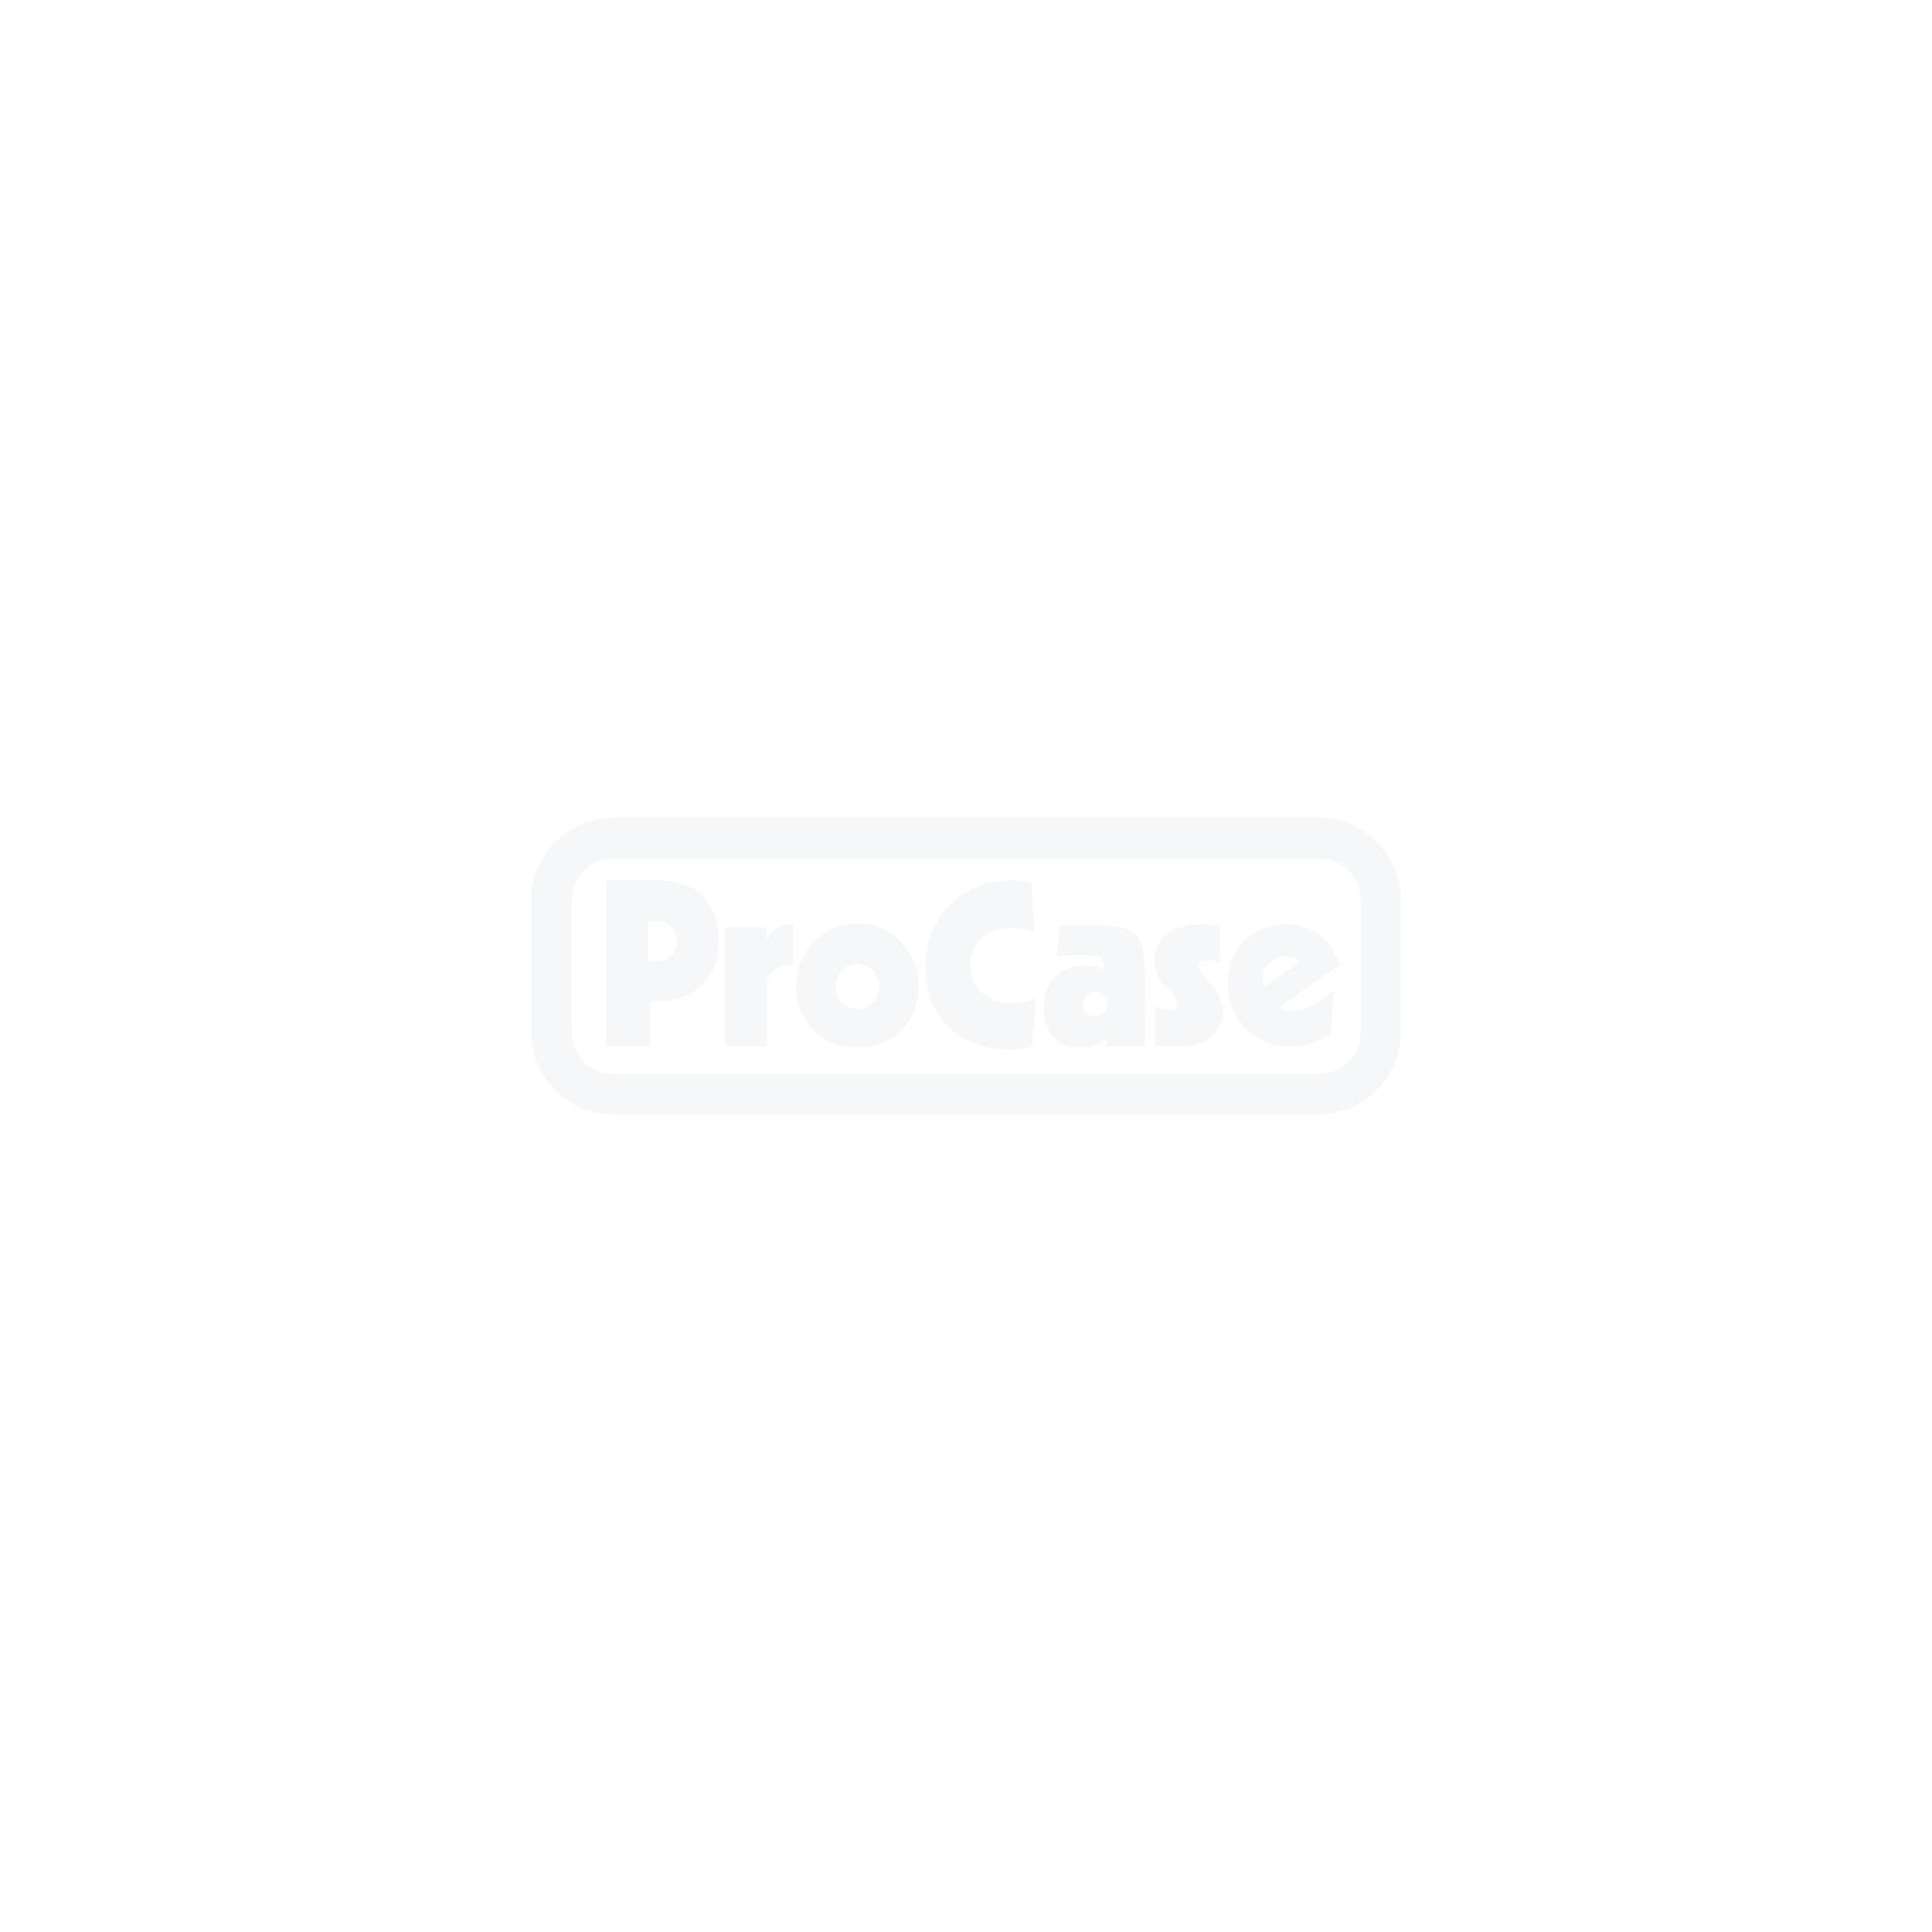 Flightcase für 2x Safex Flame-Jet DUO 3